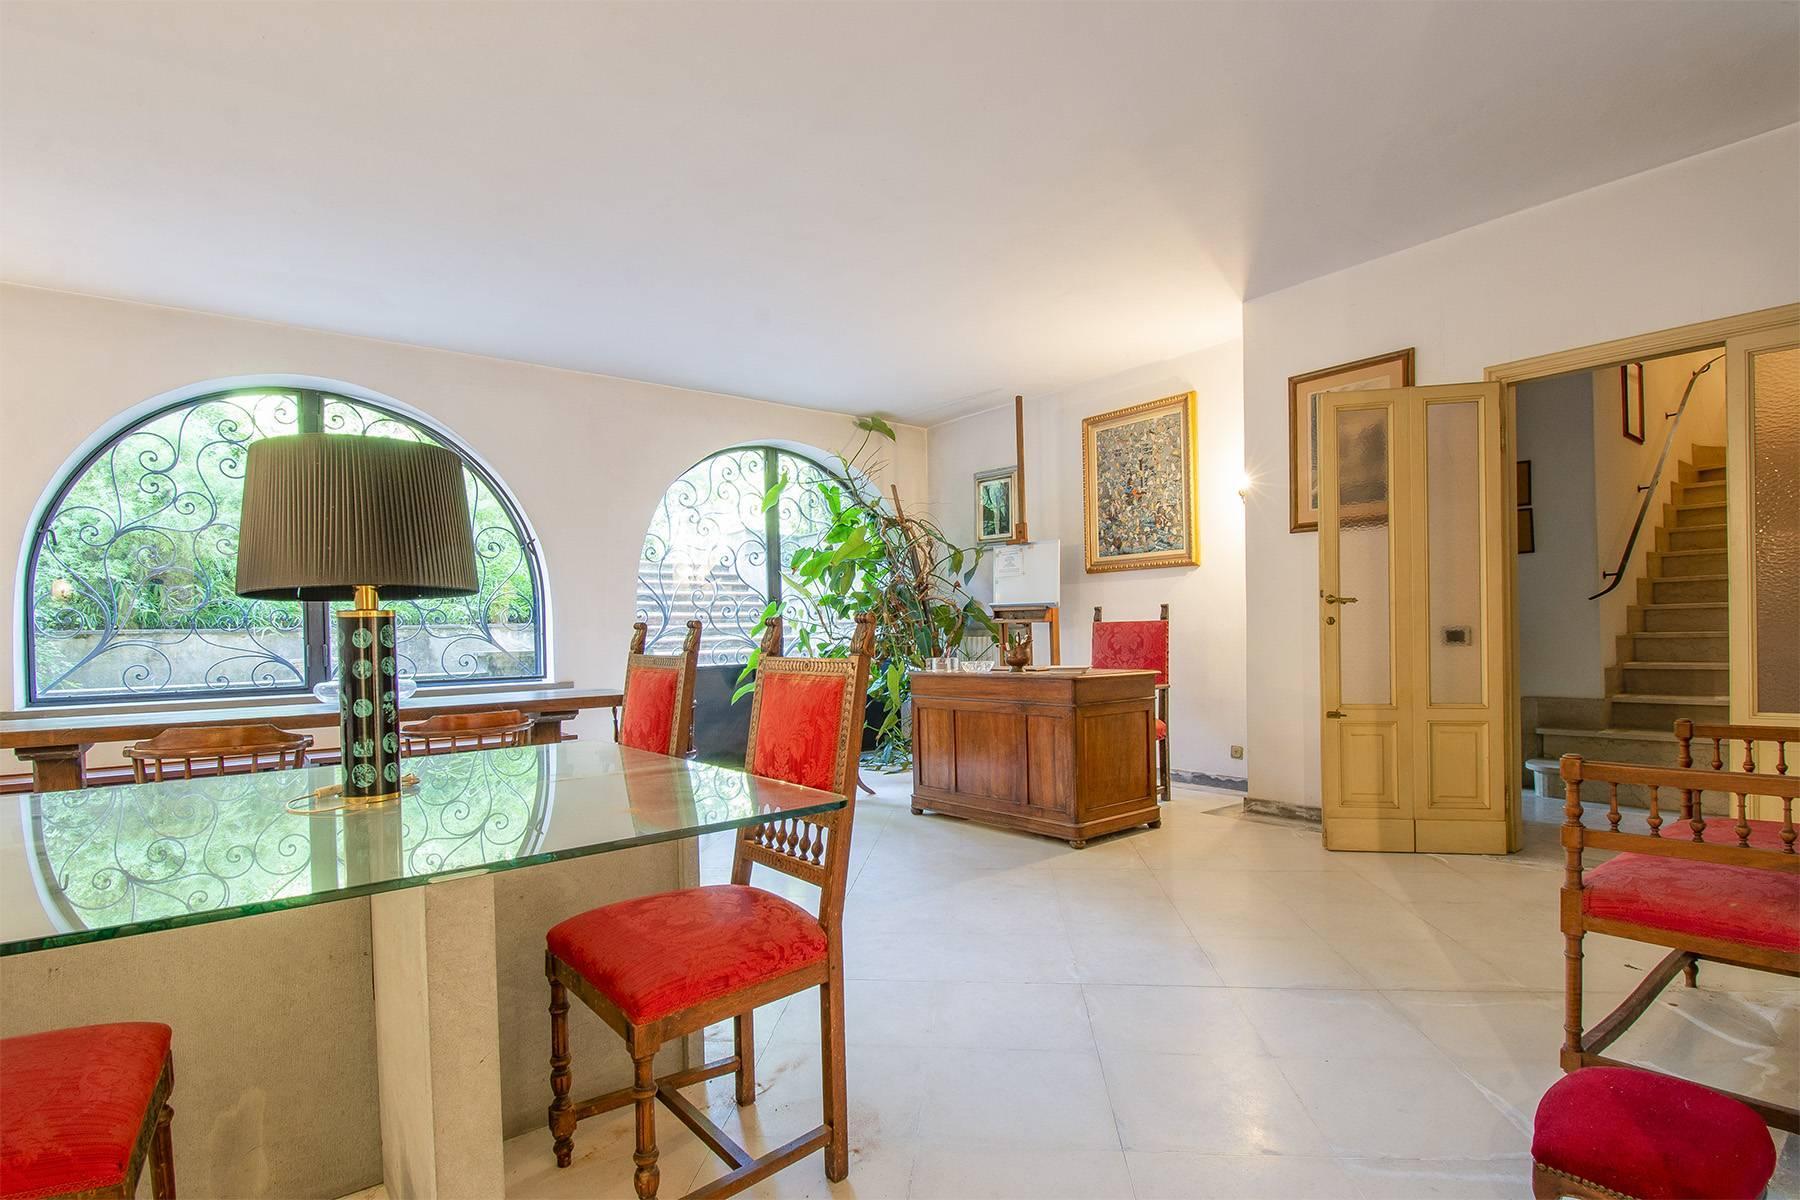 Exquisite apartment in a historic villa - 11